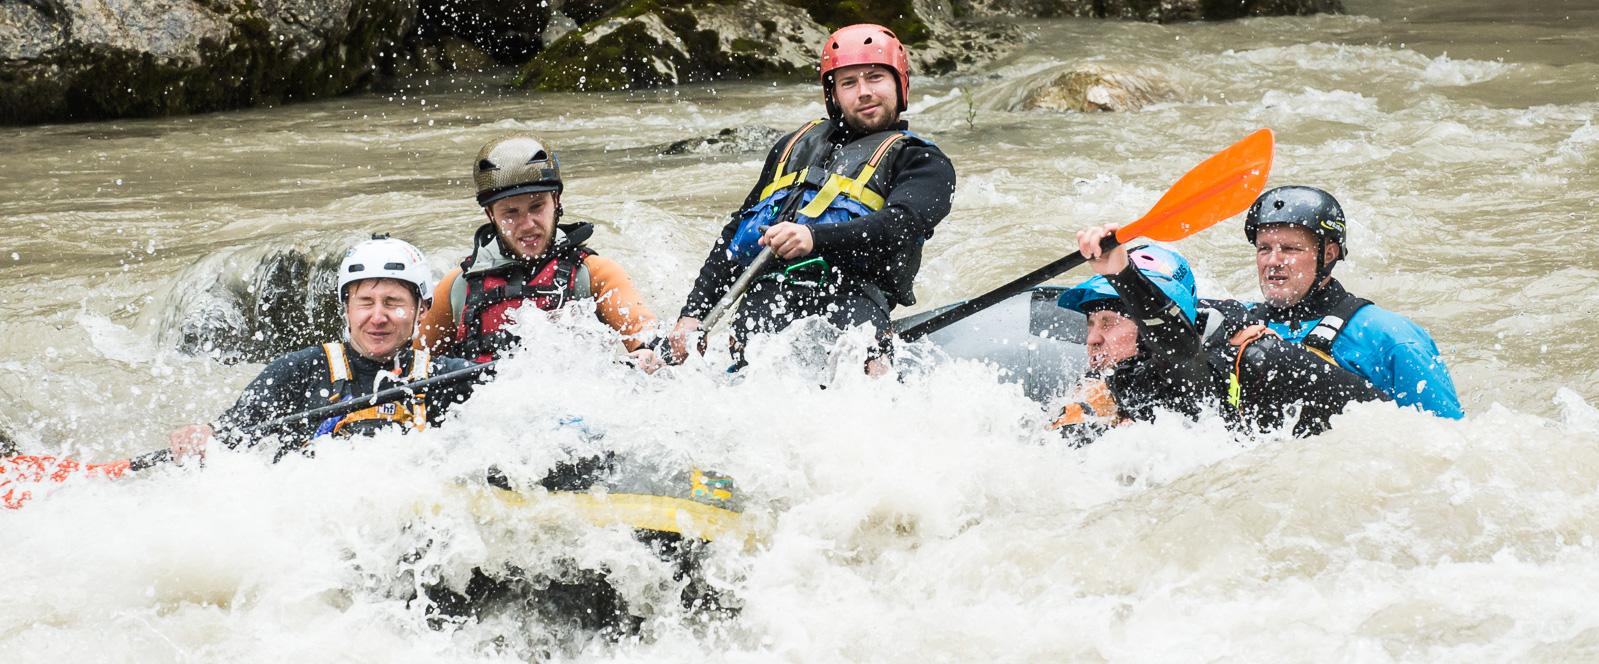 Guideausbildung des Salzburger Outdoor & Wildwasserverbandes auf der Saalach bei Lofer